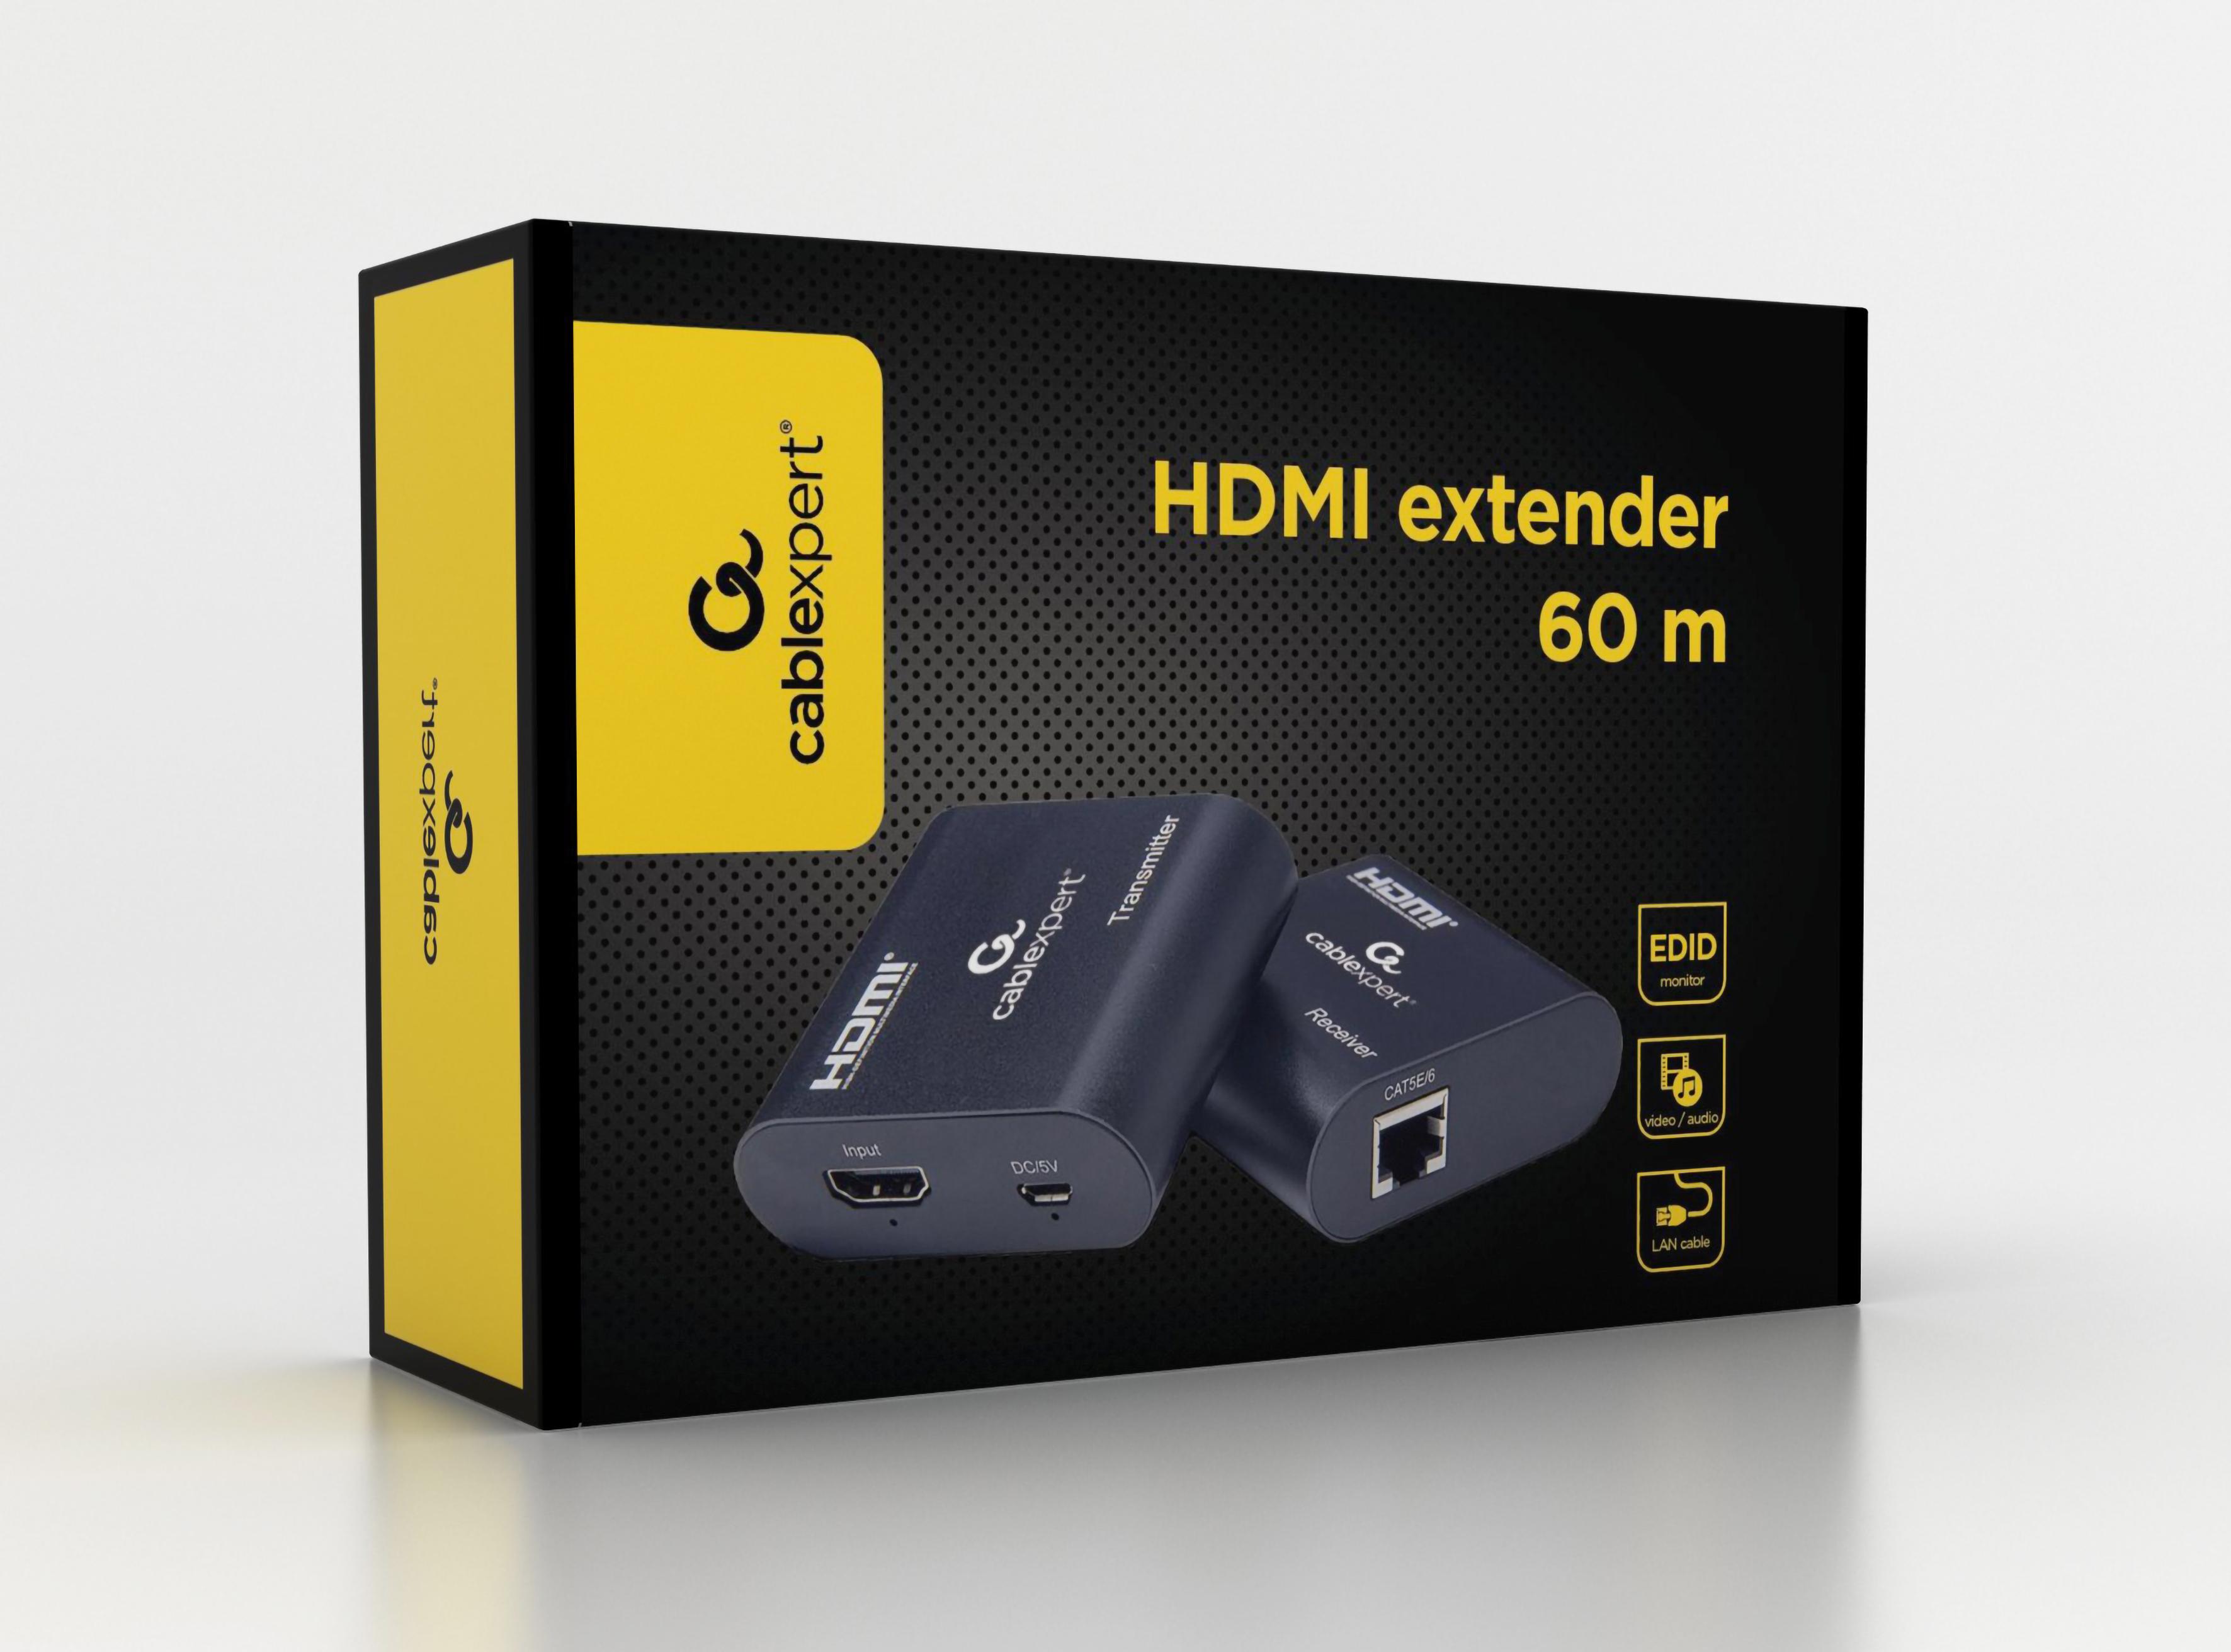 Gembird Actieve HDMI verlenger set, max 60 meter over CAT6 (niet inbegrepen), voeding: micro USB 3W (niet inbegrepen)